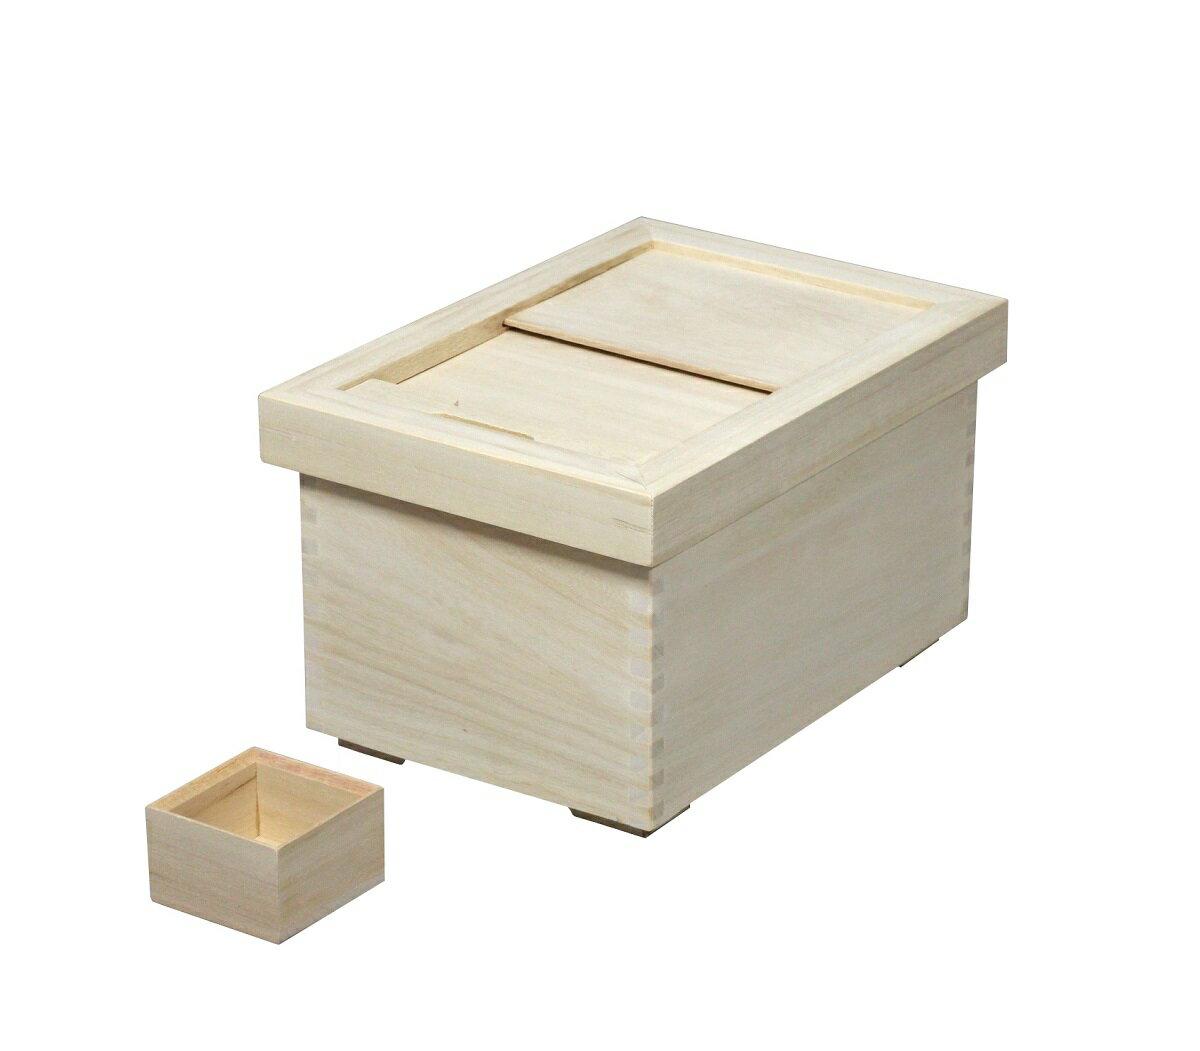 米びつ 桐 ライスストッカー 米櫃 桐製 米びつ 5kg用 DX-5 桐製一合マス付 取外し式フタ シンプル おしゃれ